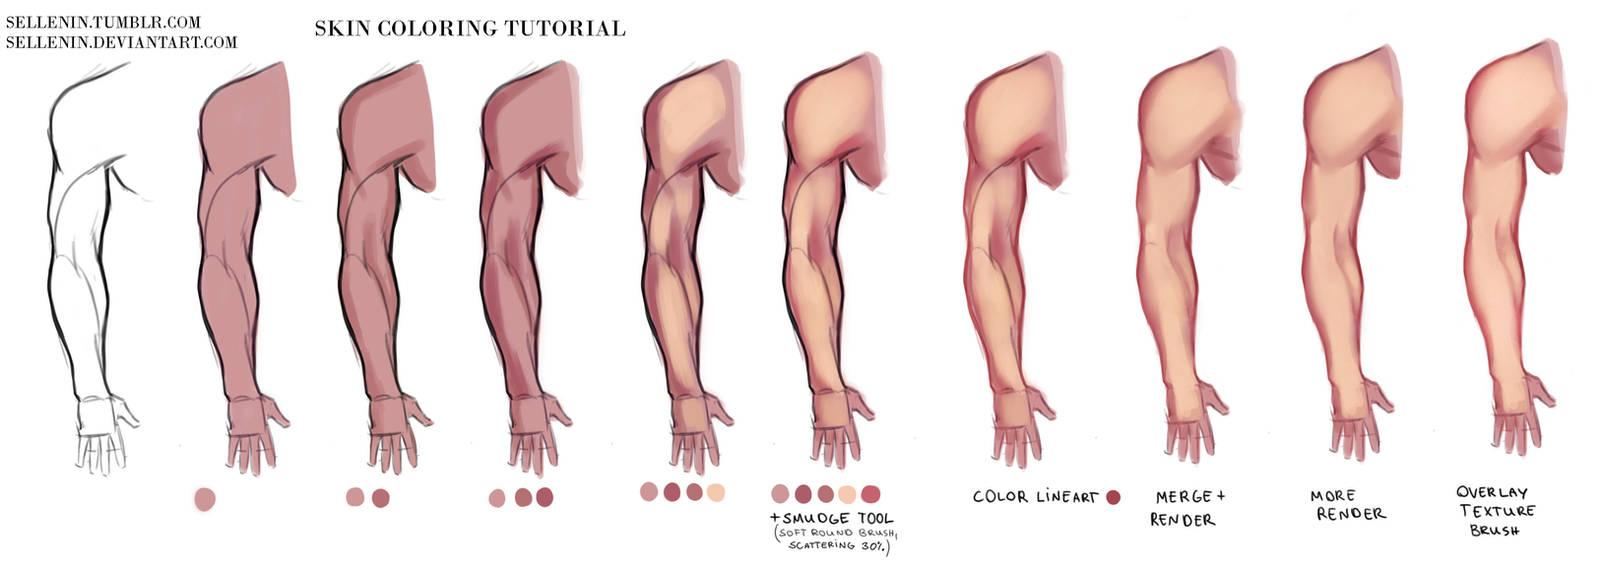 Skin coloring tutorial by Sellenin